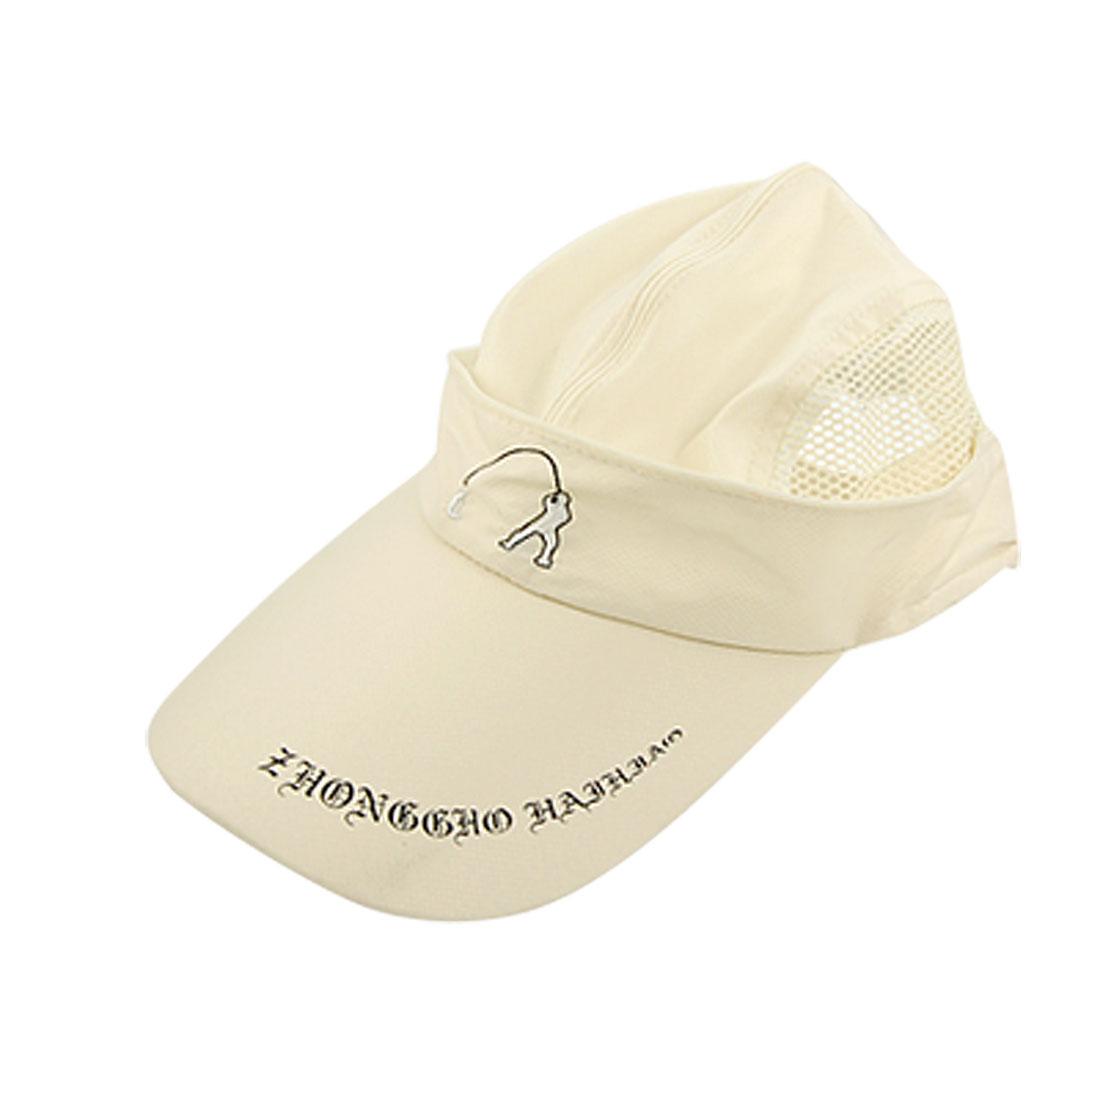 Sporting Off White Hook Loop Fastener Mesh Zipper Visor Hat for Men